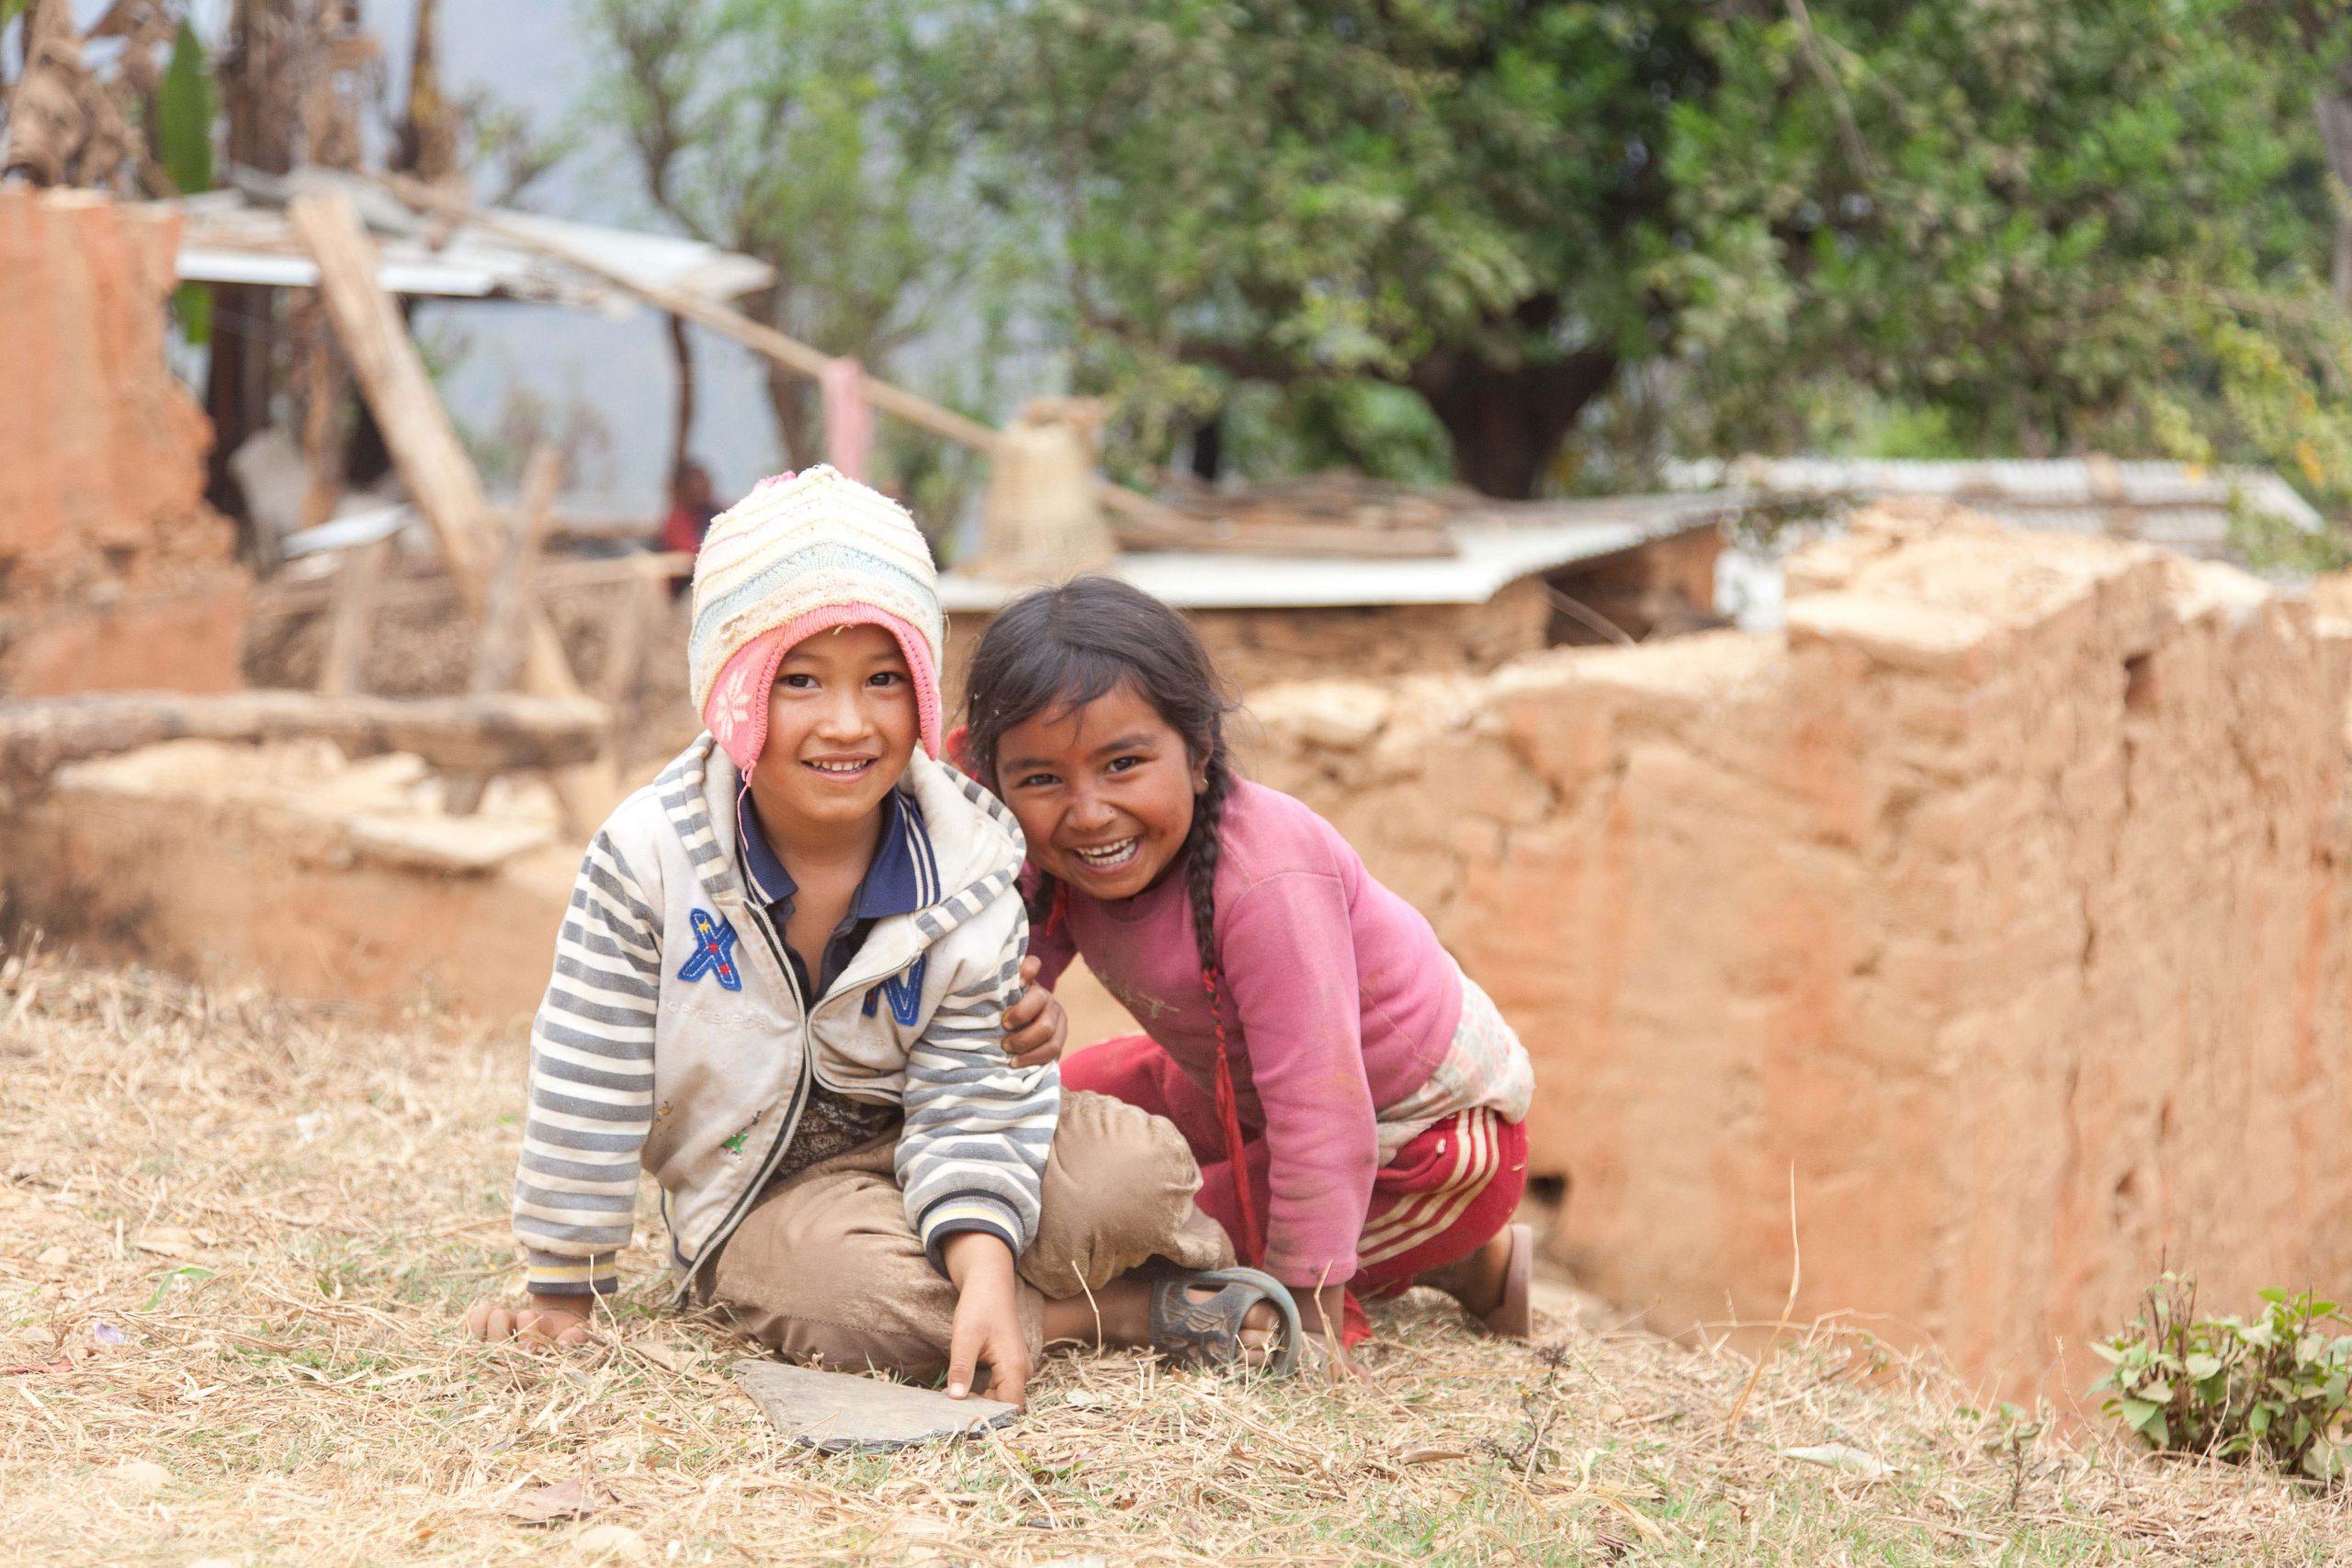 Entwicklungsländer und was man darunter versteht. Zwei Kinder im sogenannten Entwicklungsland Nepal nach dem Erdbeben 2016